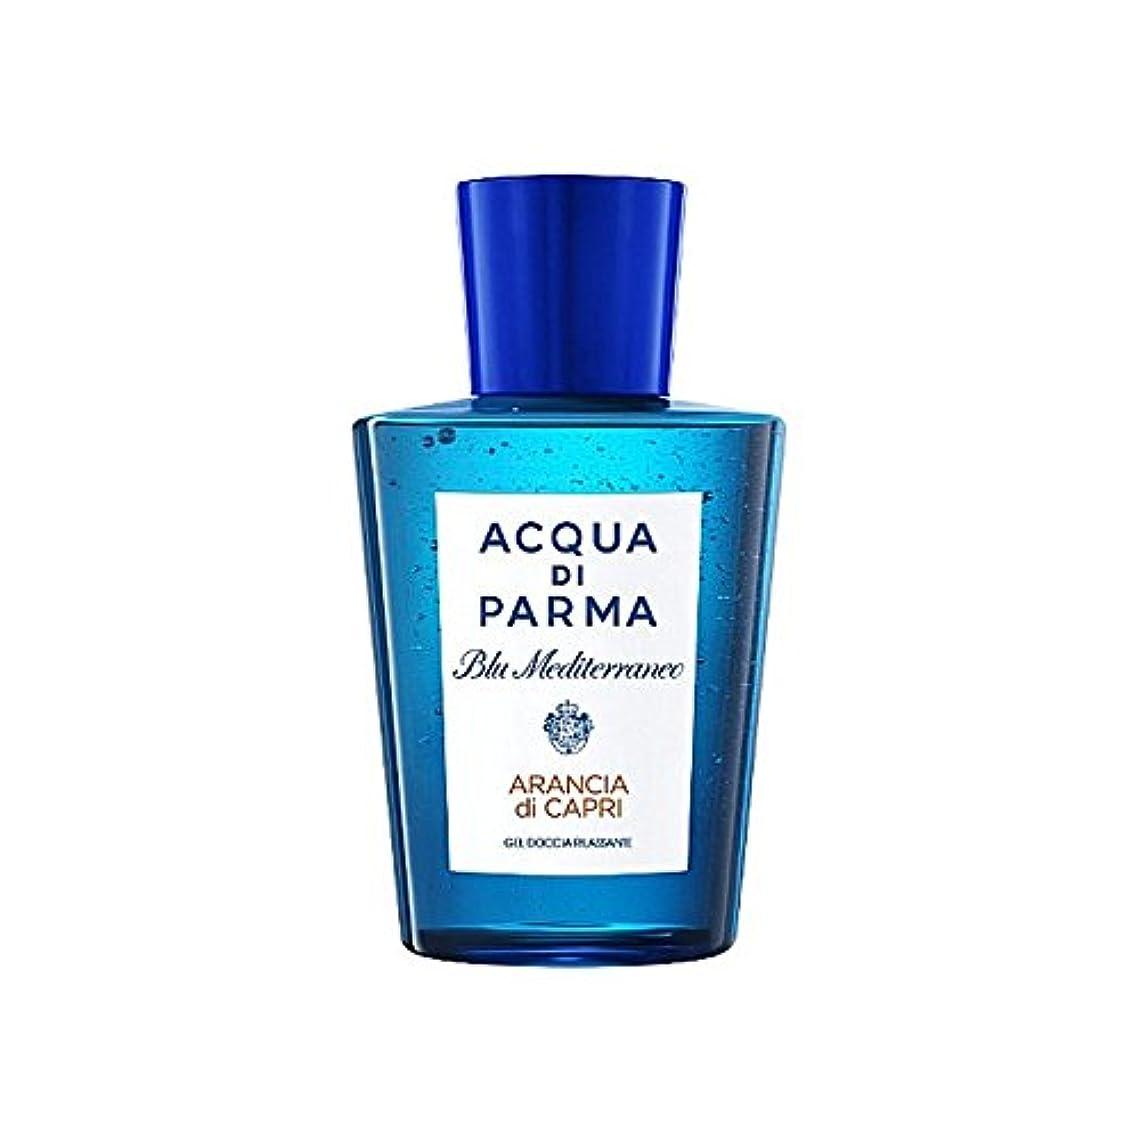 光景出席宇宙飛行士Acqua Di Parma Blu Mediterraneo Arancia Di Capri Shower Gel 200ml - アクアディパルマブルーメディのアランシアジカプリシャワージェル200 [並行輸入品]